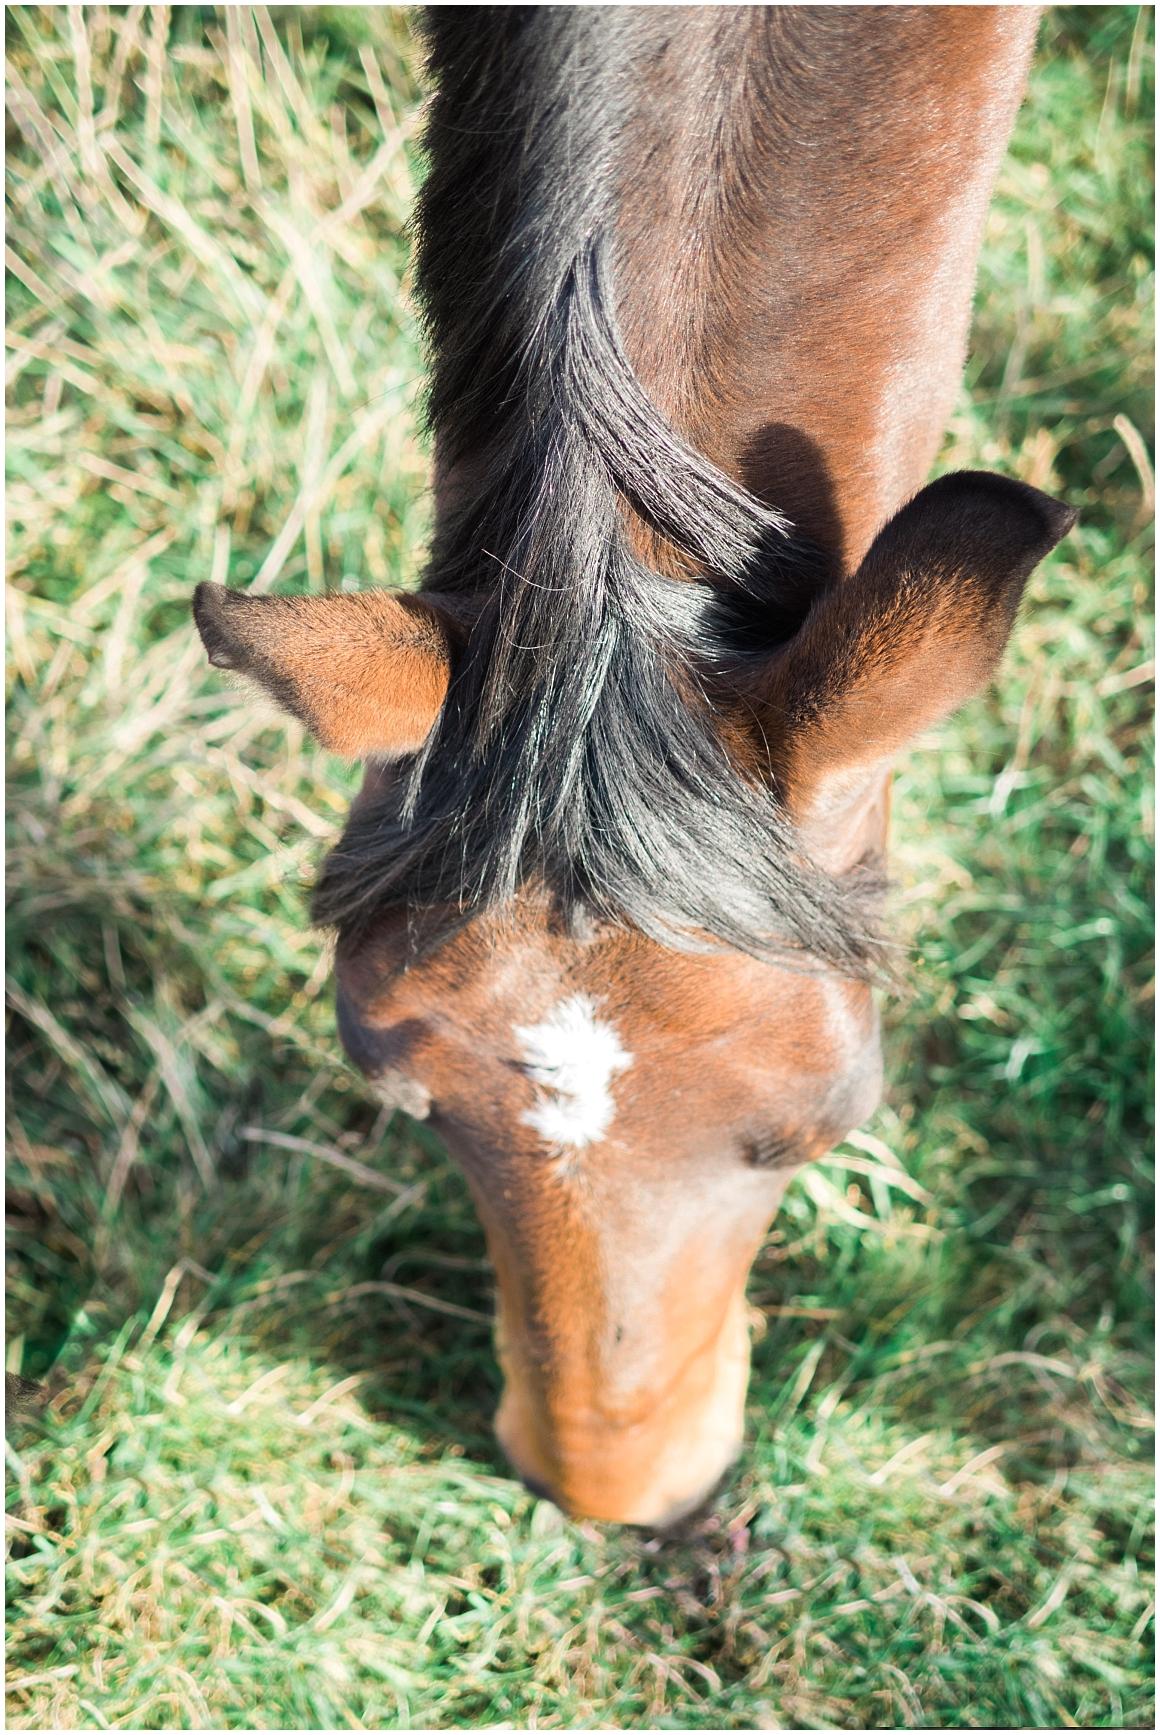 pferdefotograf-pferdeportrait-fotoshooting-mit-pferd-münchen-rosenheim-by-katrin-kind-photography_0023.jpg